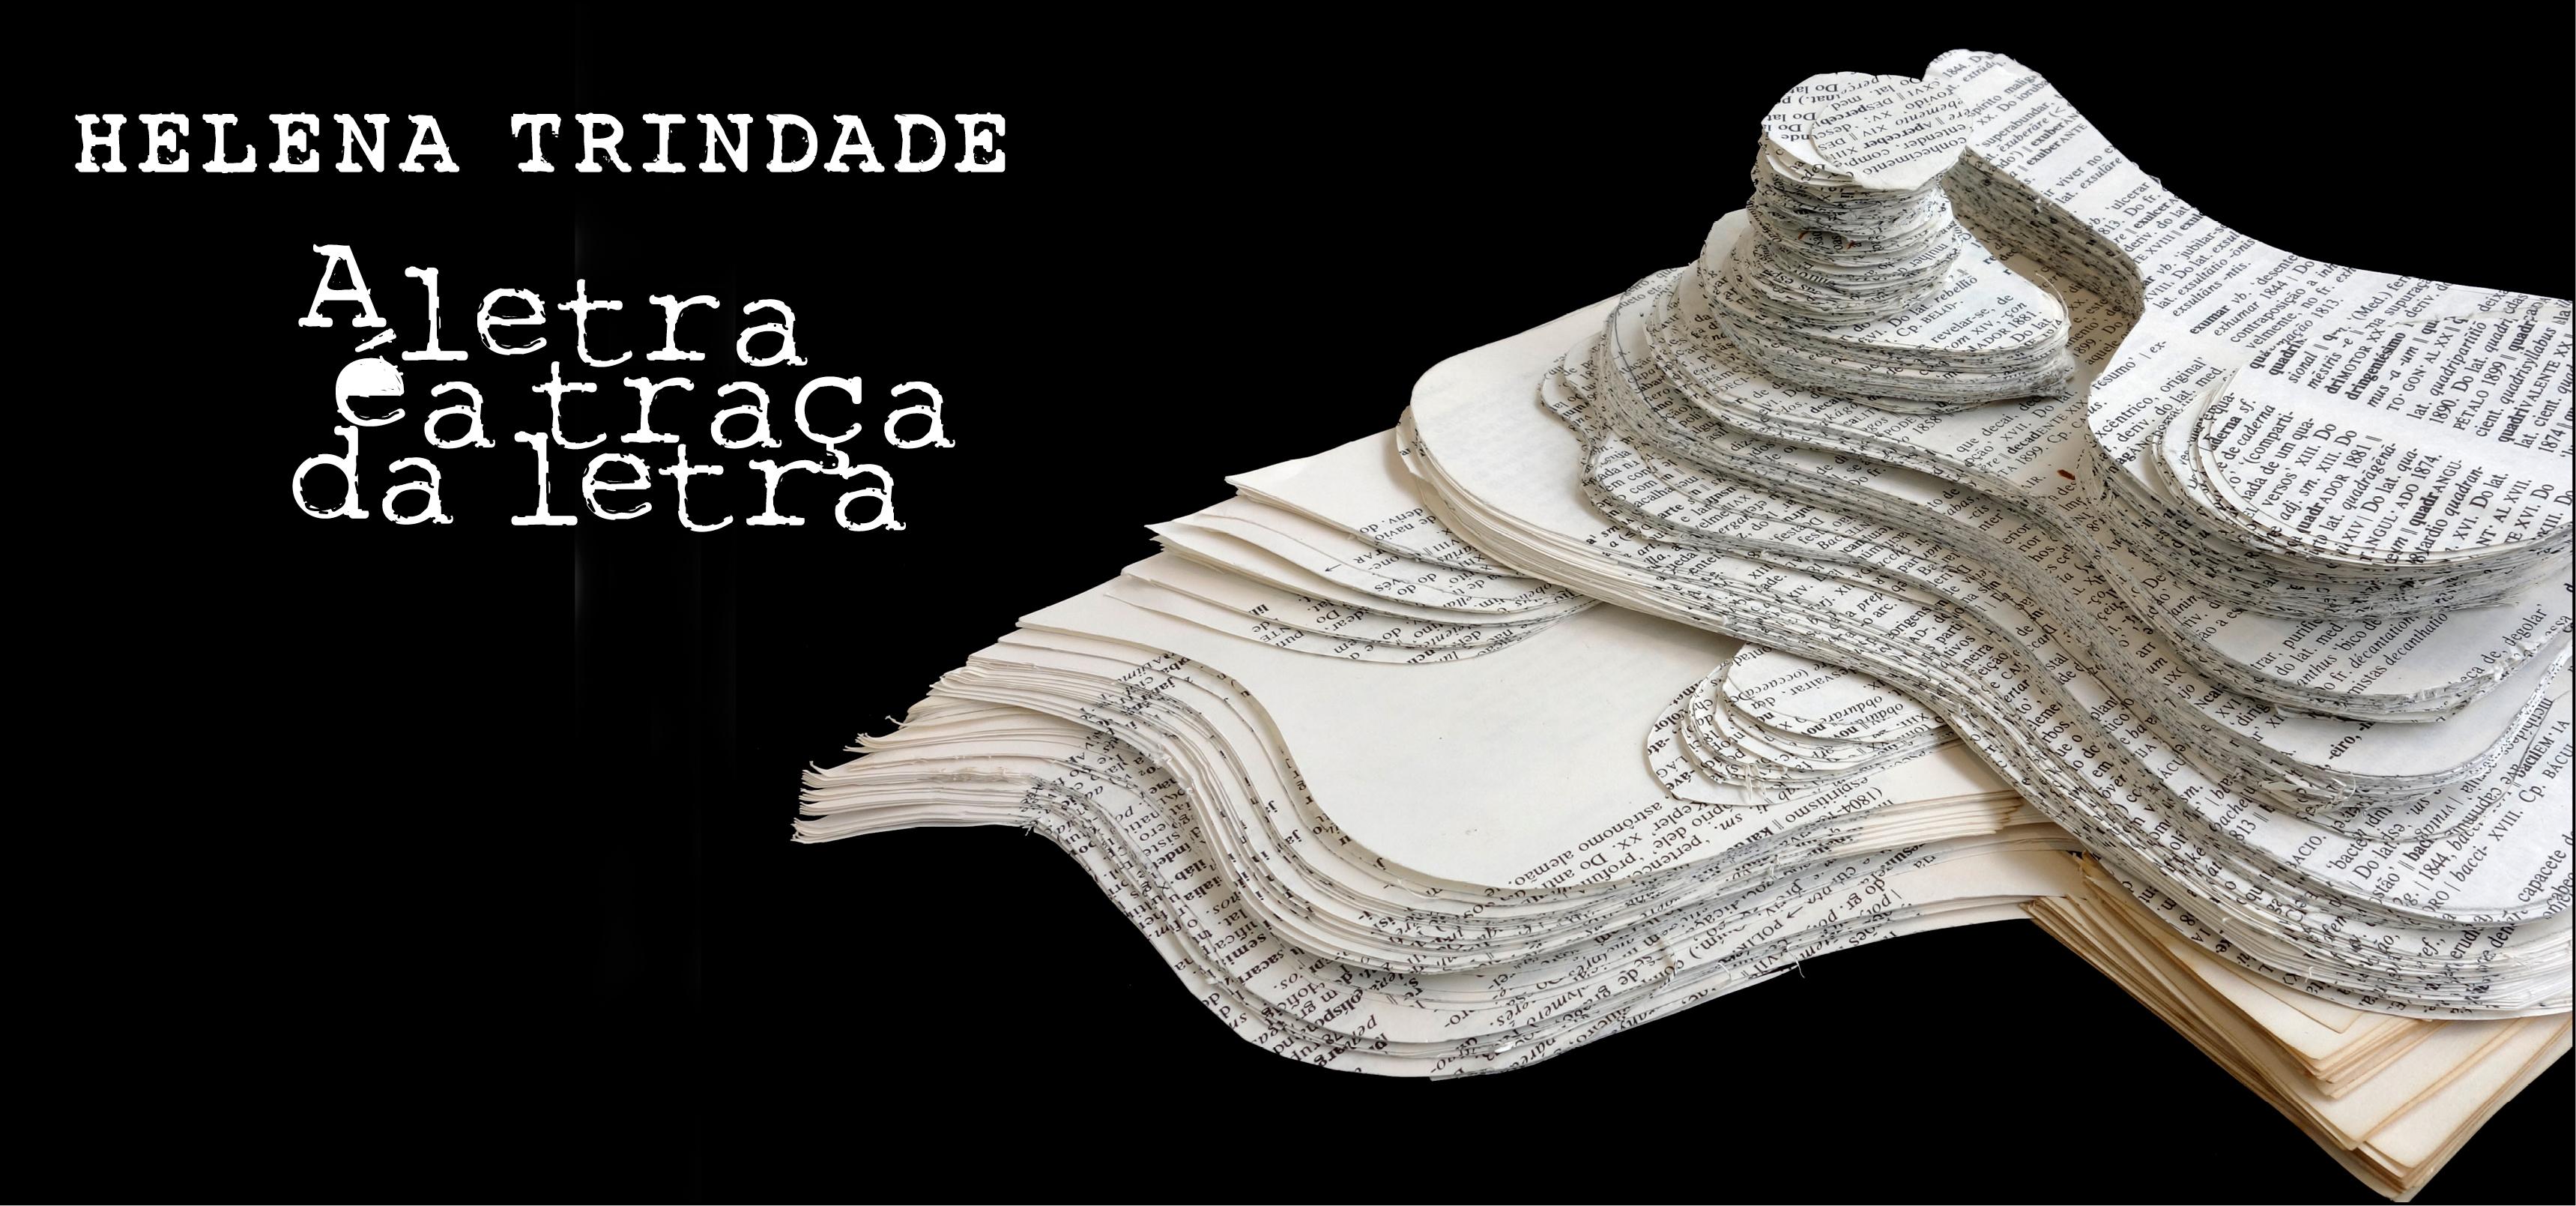 Helena Trindade - A letra é a traça da letra